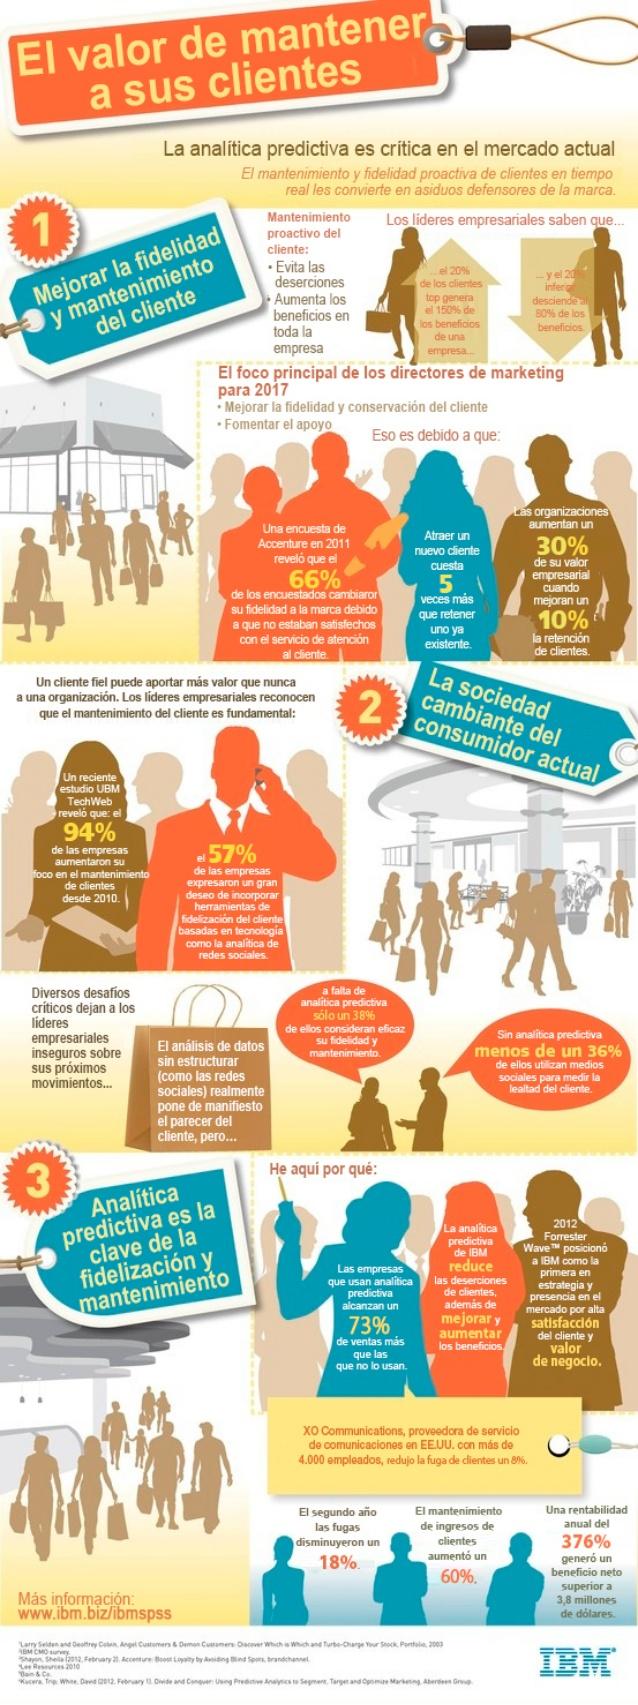 Analítica predictiva: el valor de mantener a tus clientes